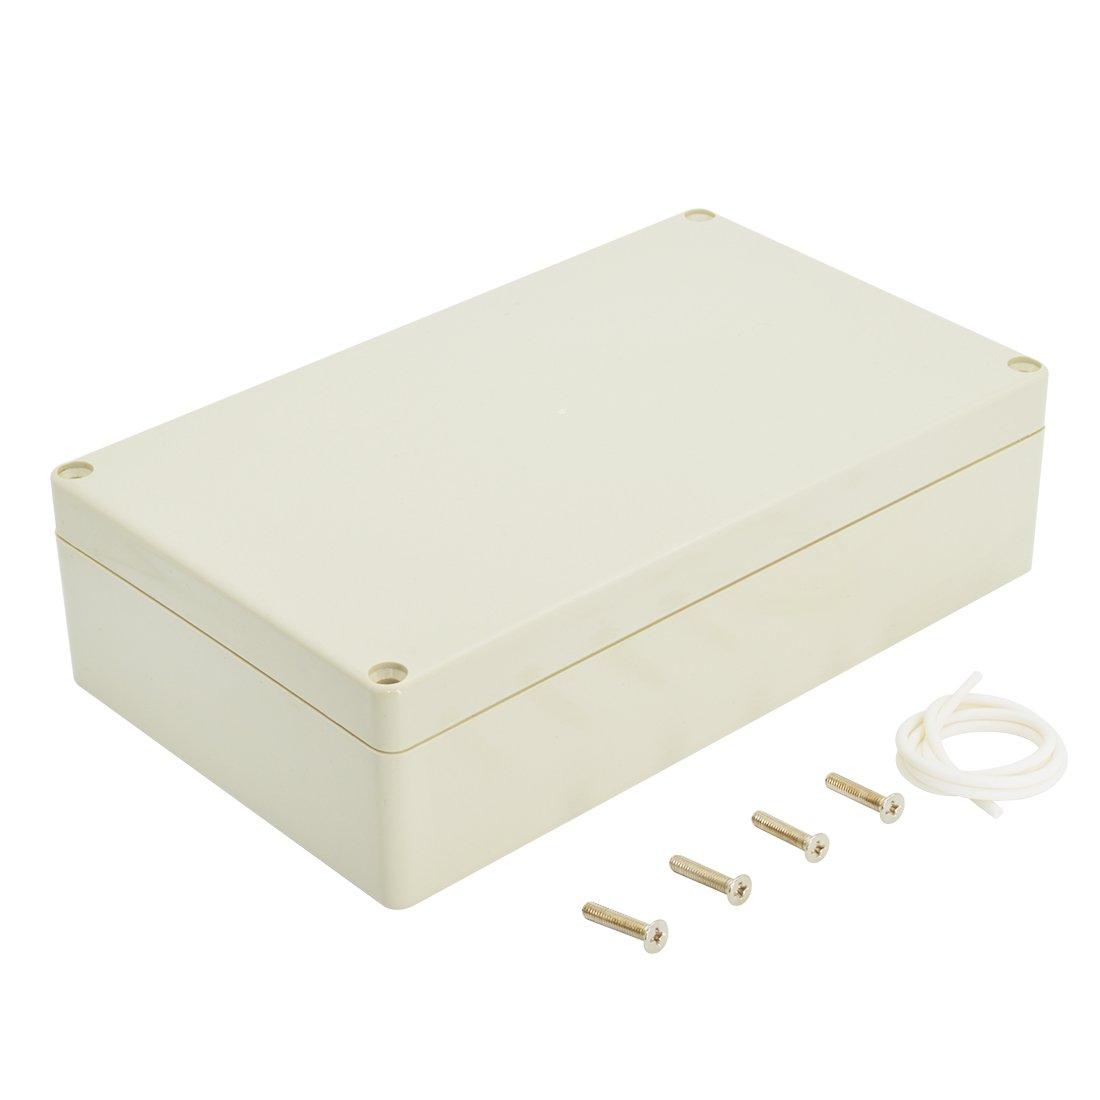 LeMotech Waterproof Dustproof IP65 ABS Plastic Junction Box